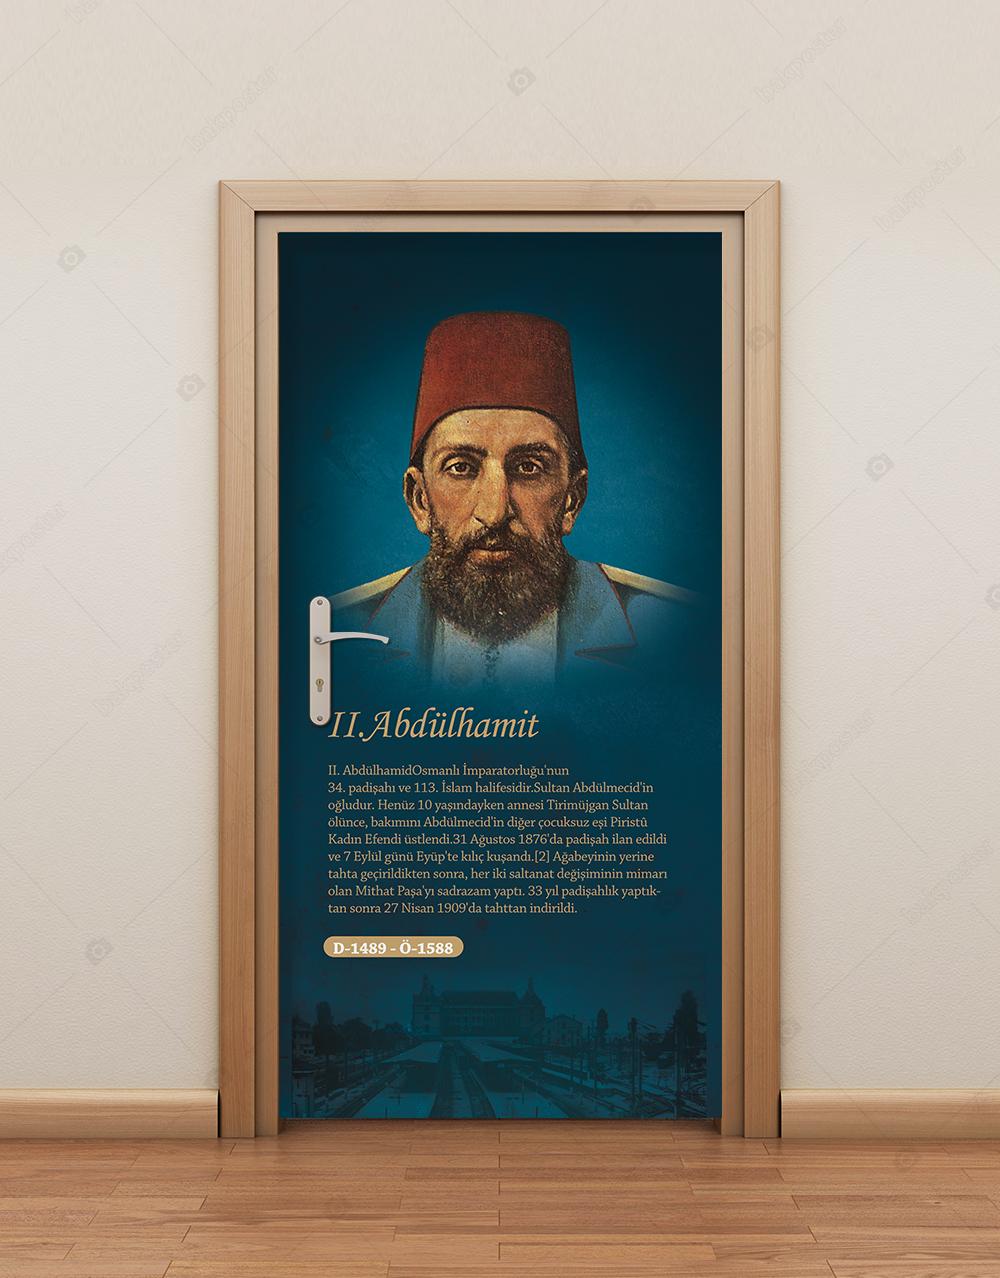 Türk İslam Büyükleri 2. Abdülhamit Han Kapı Giydirme